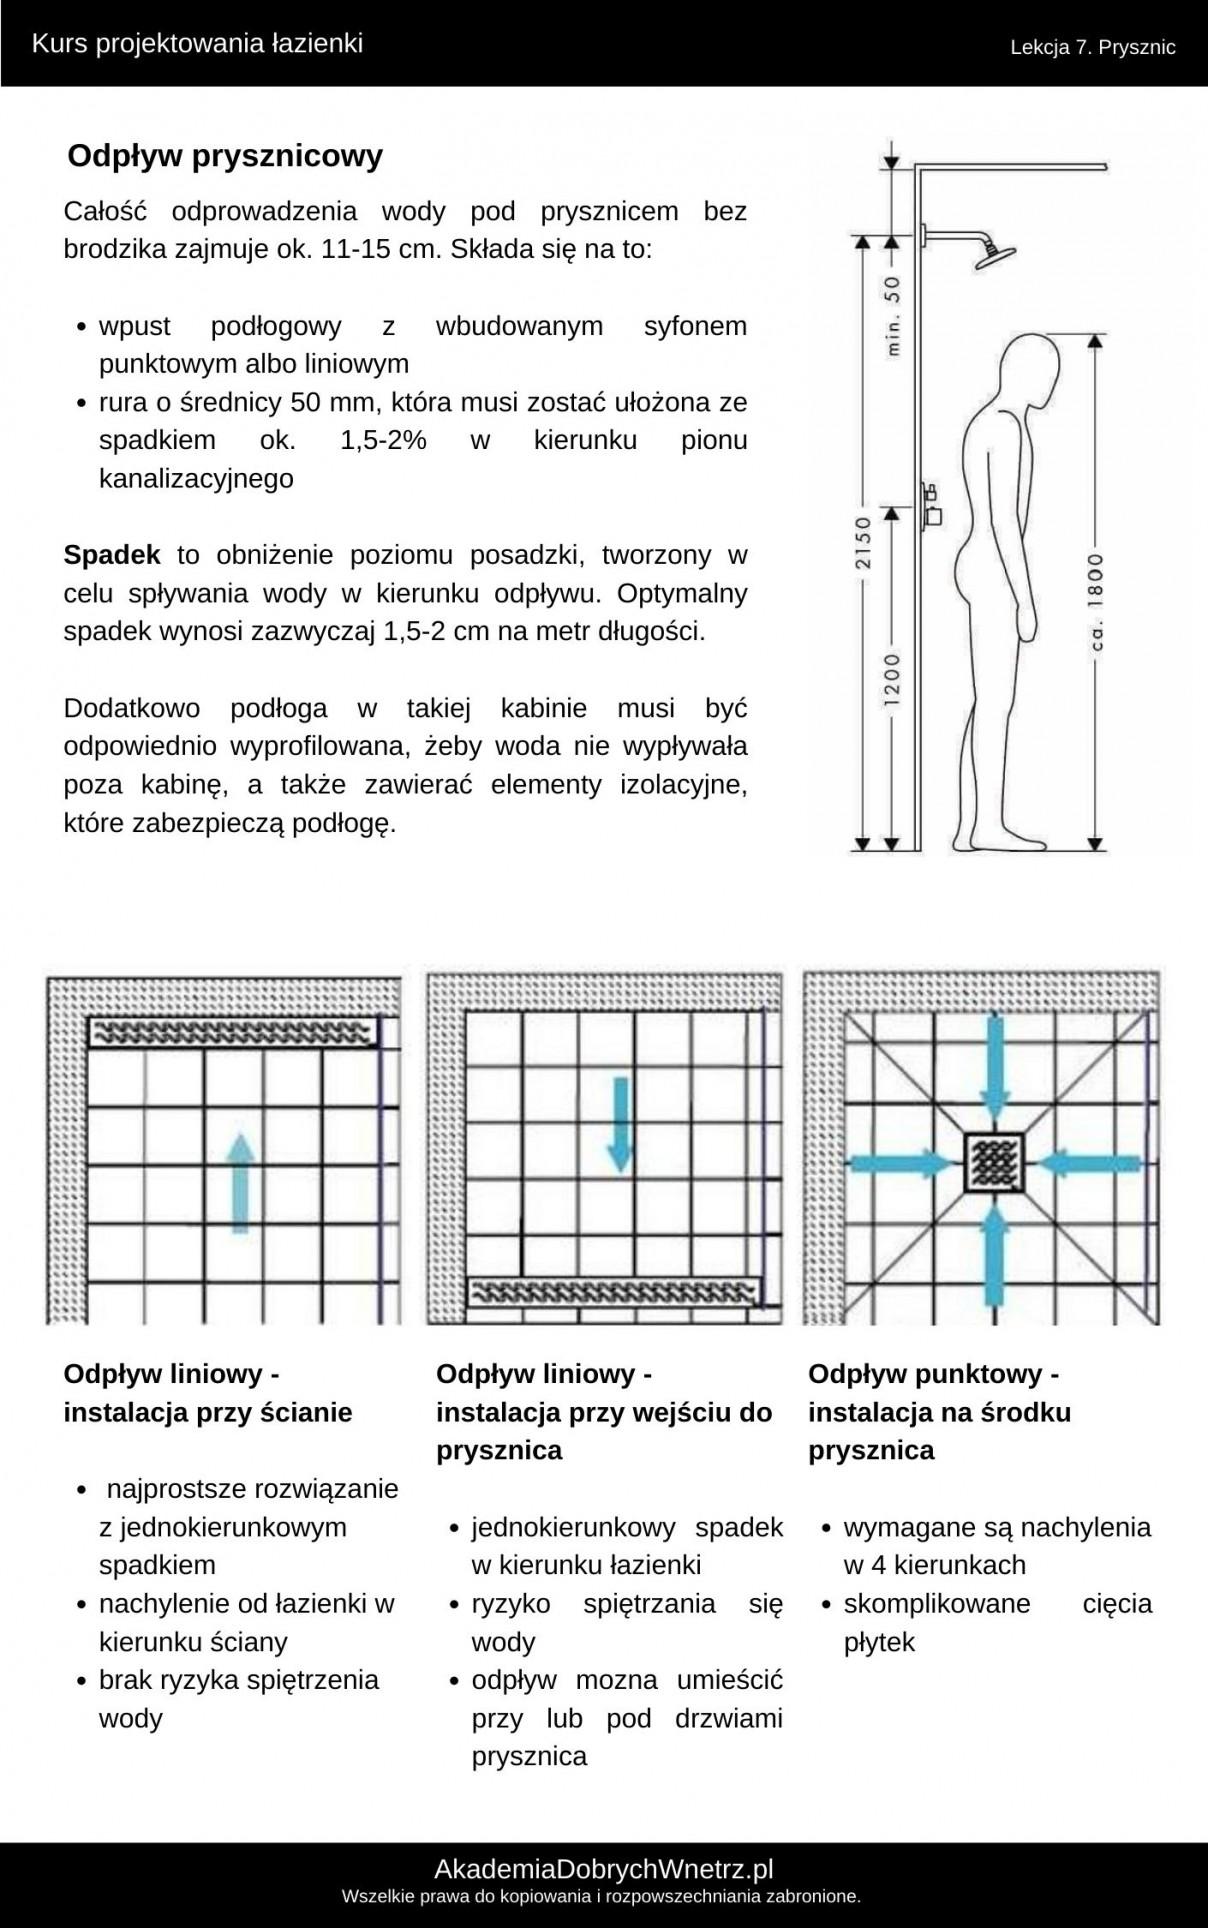 Przykładowa lekcja kursu projektowania łazienek